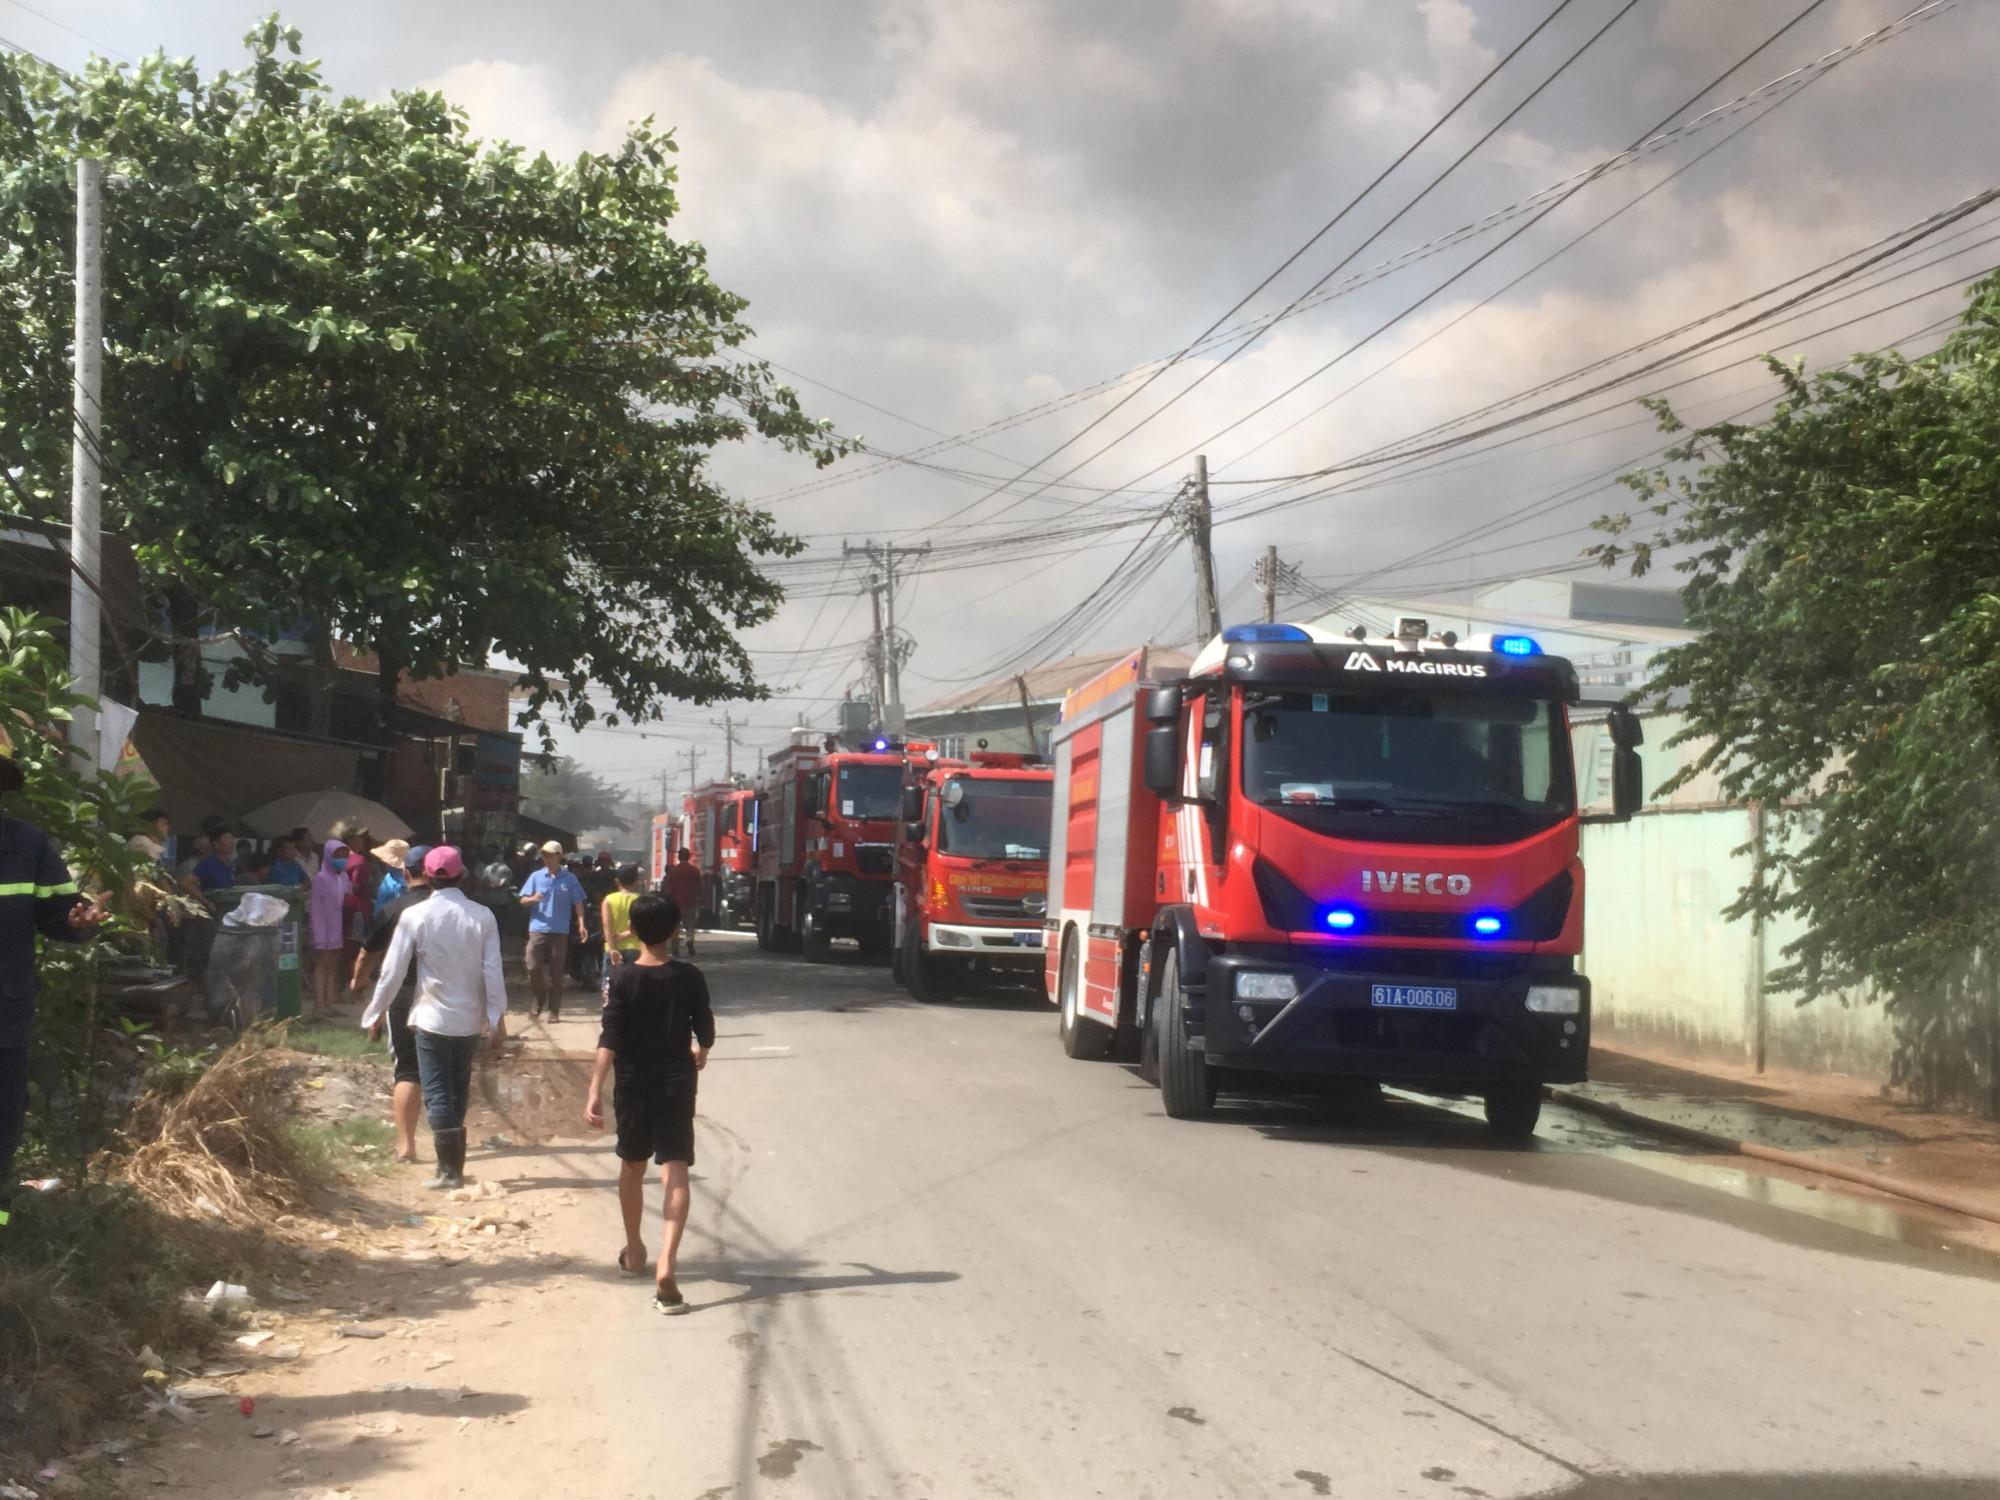 Đội PCCC điều động khoảng 15 xe đến hiện trường để dập lửa